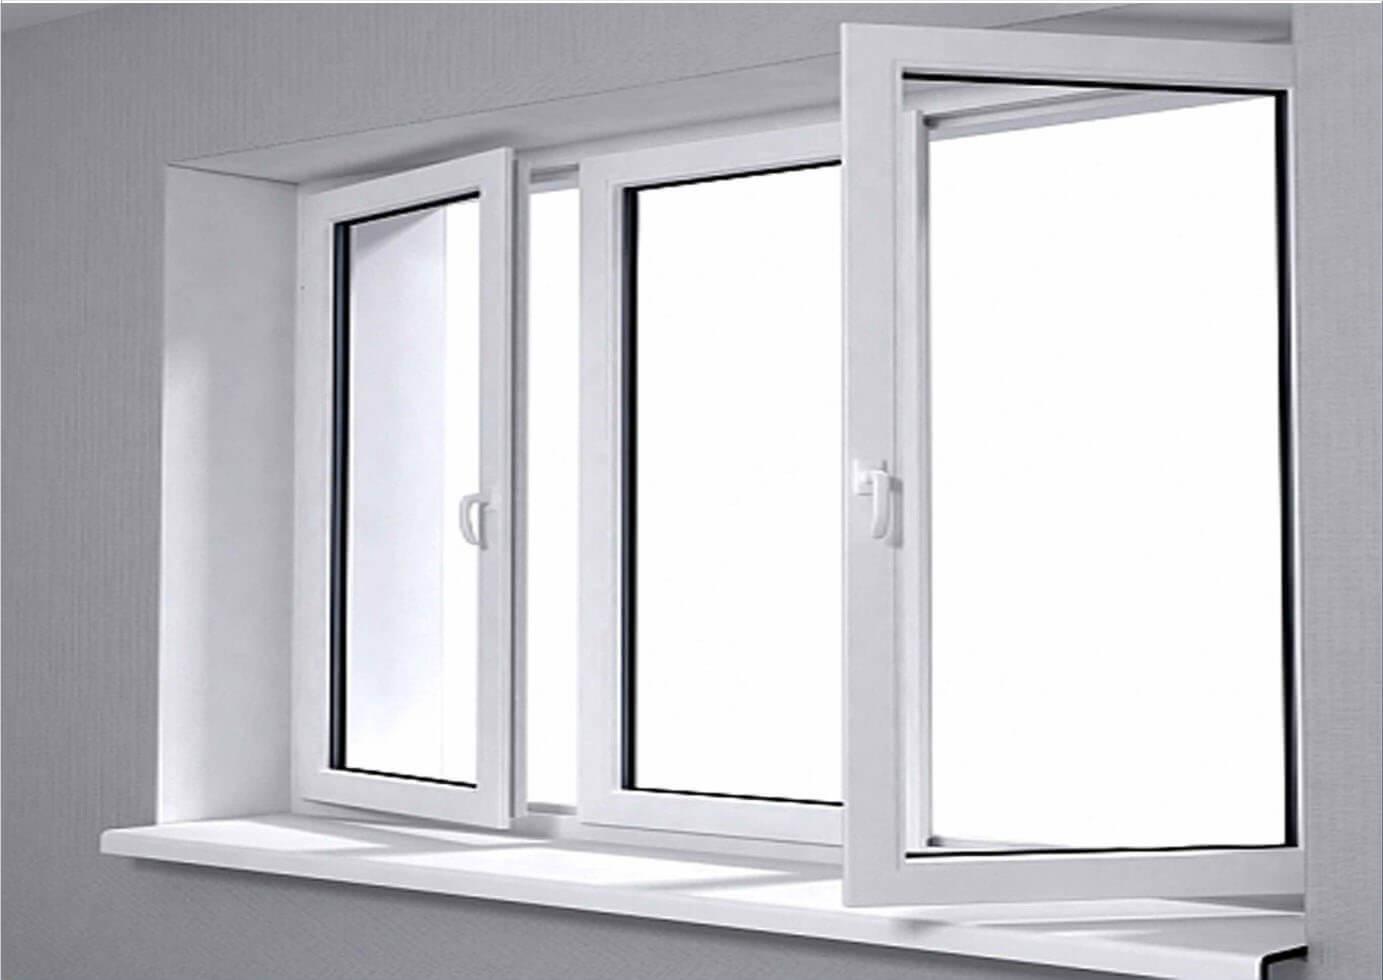 Cửa sổ mở quay được nhiều người lựa chọn